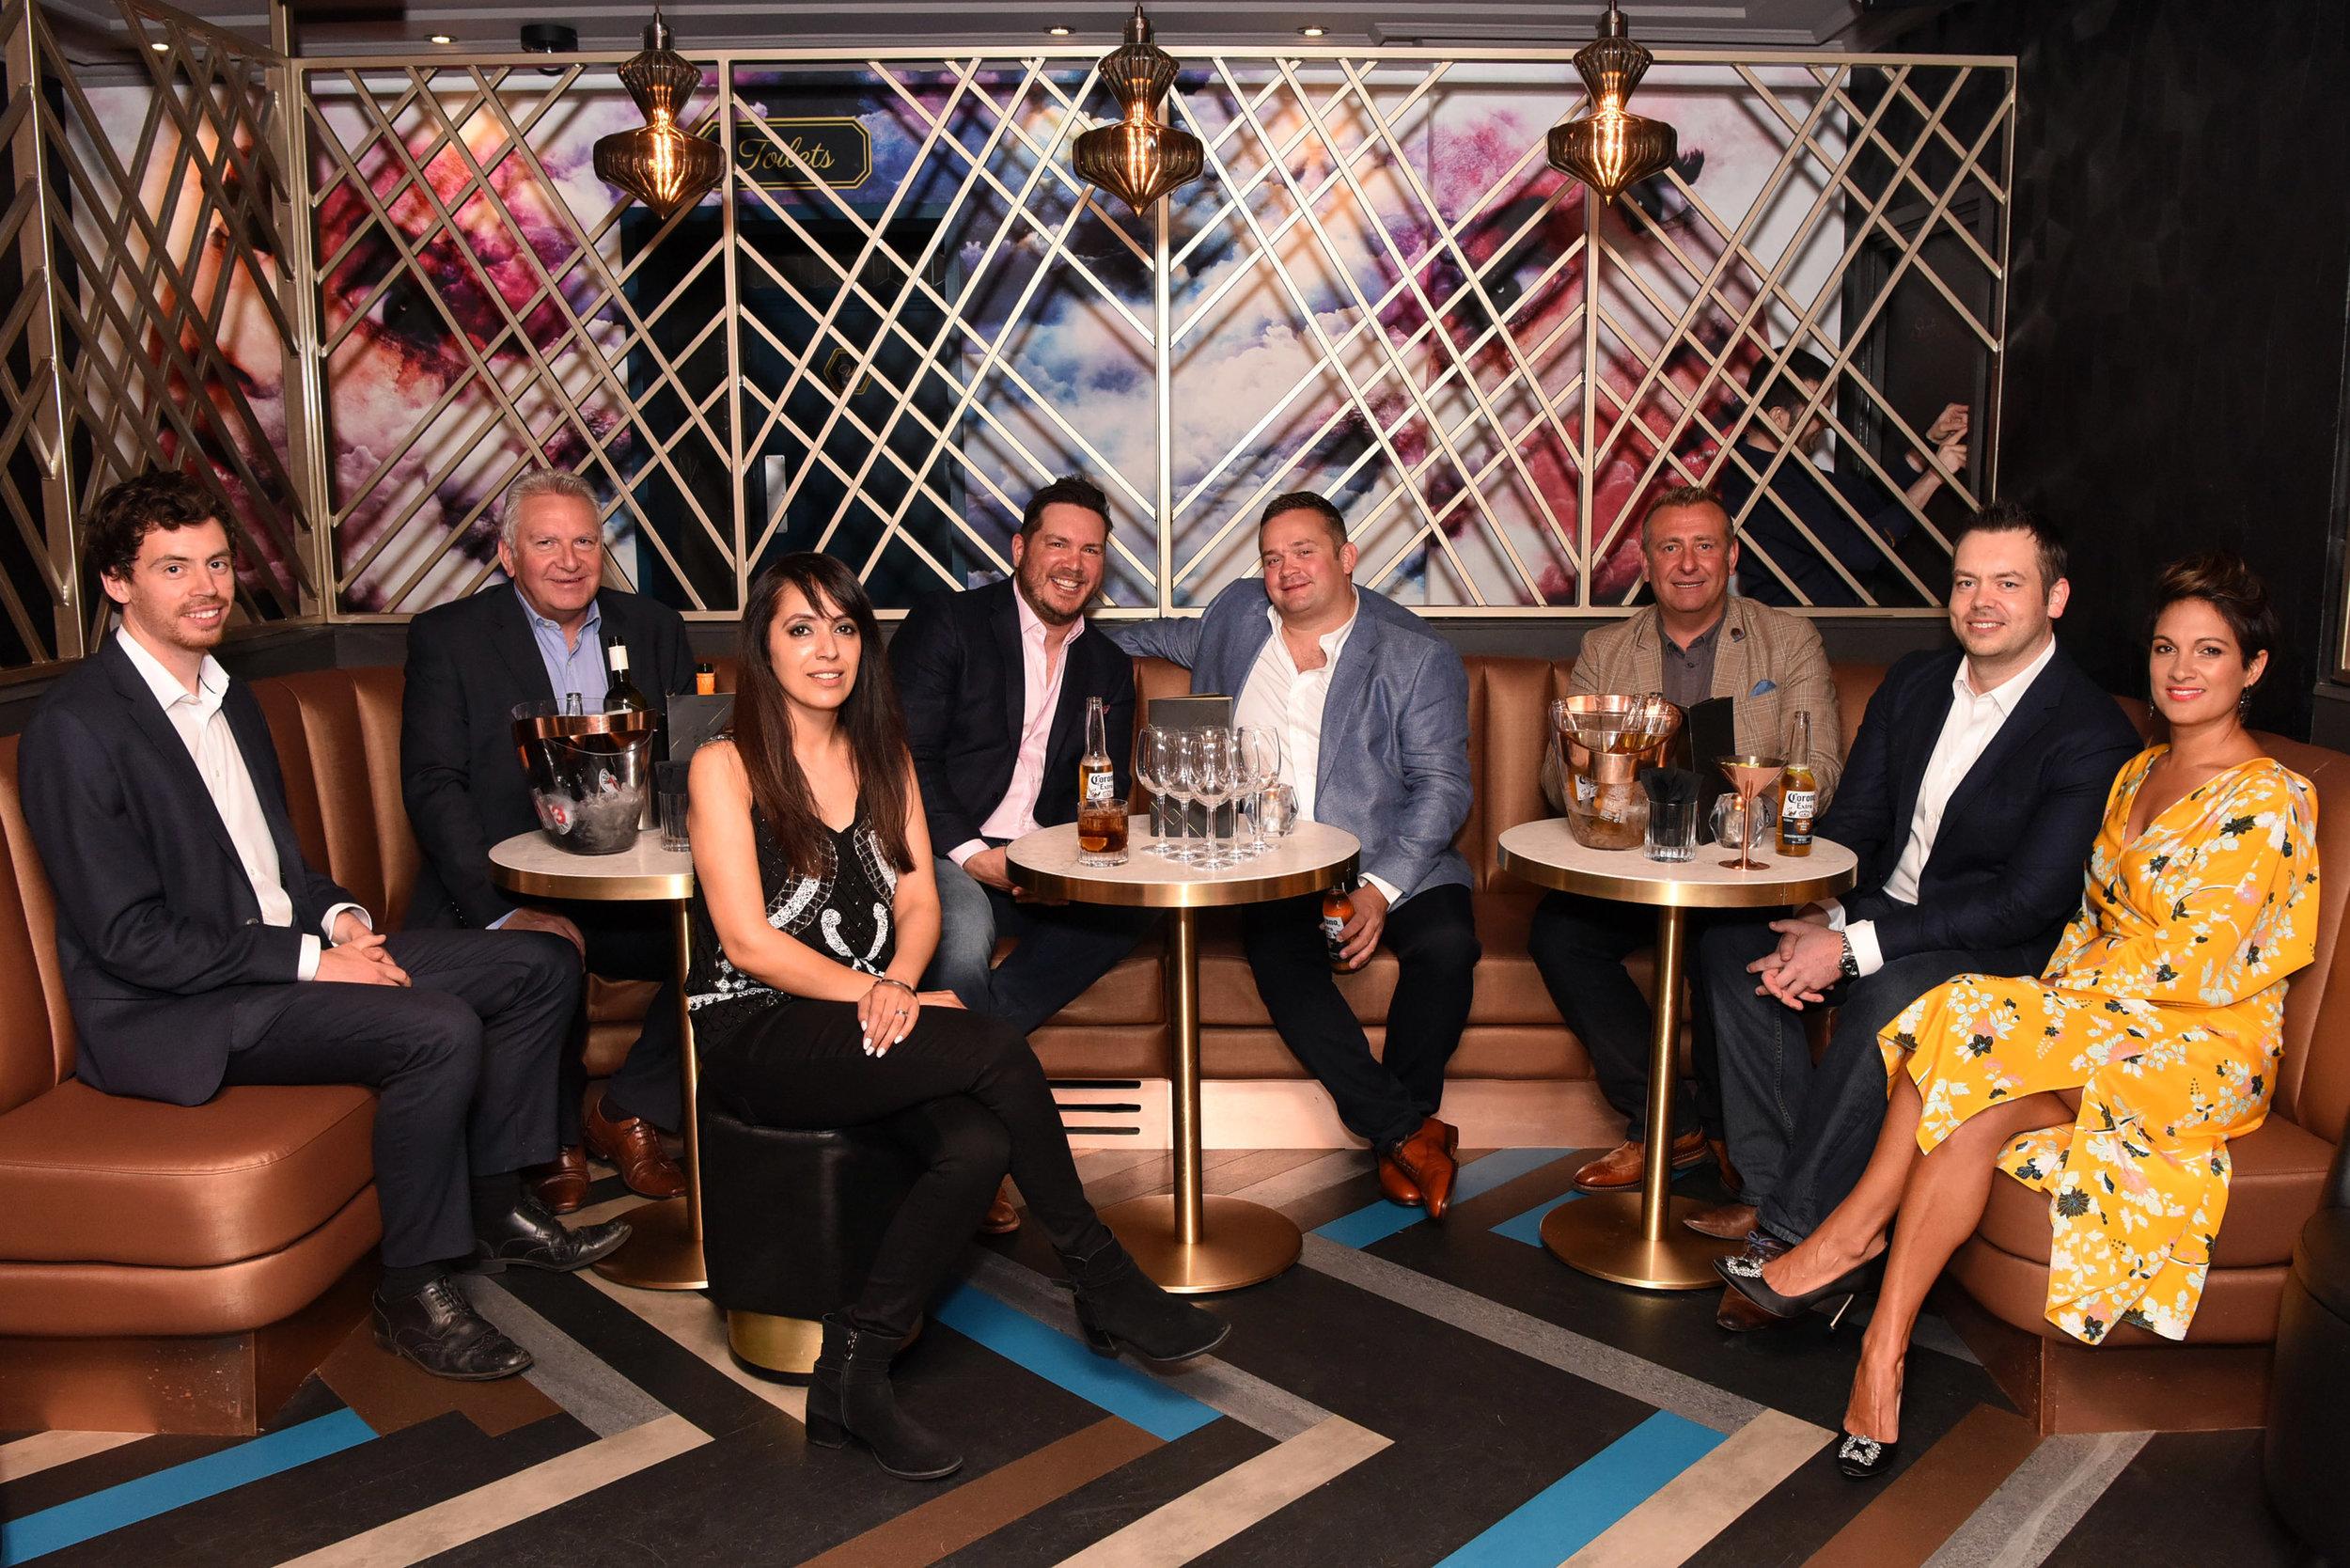 18 Alastair Burgwin, Paul Sambrooks, Mandip Sandhu, Chris Warren, Daniel Le Neveu, Adrian Griffiths, Andy Warren and Fiona Hooton.JPG